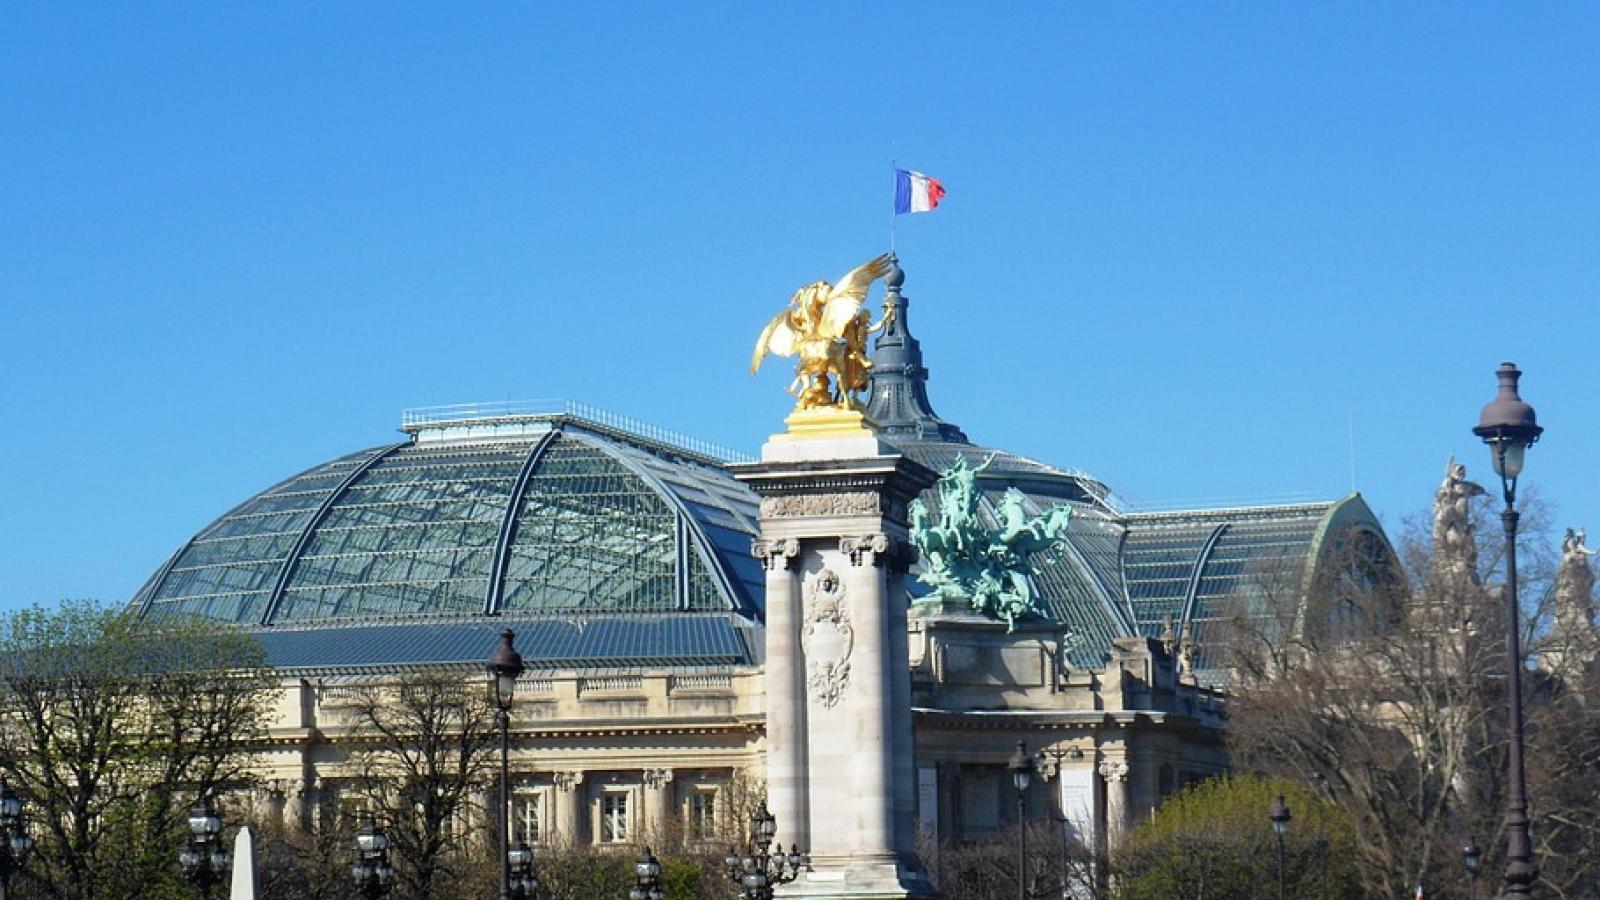 L'automne parisien sous le signe de l'art contemporain